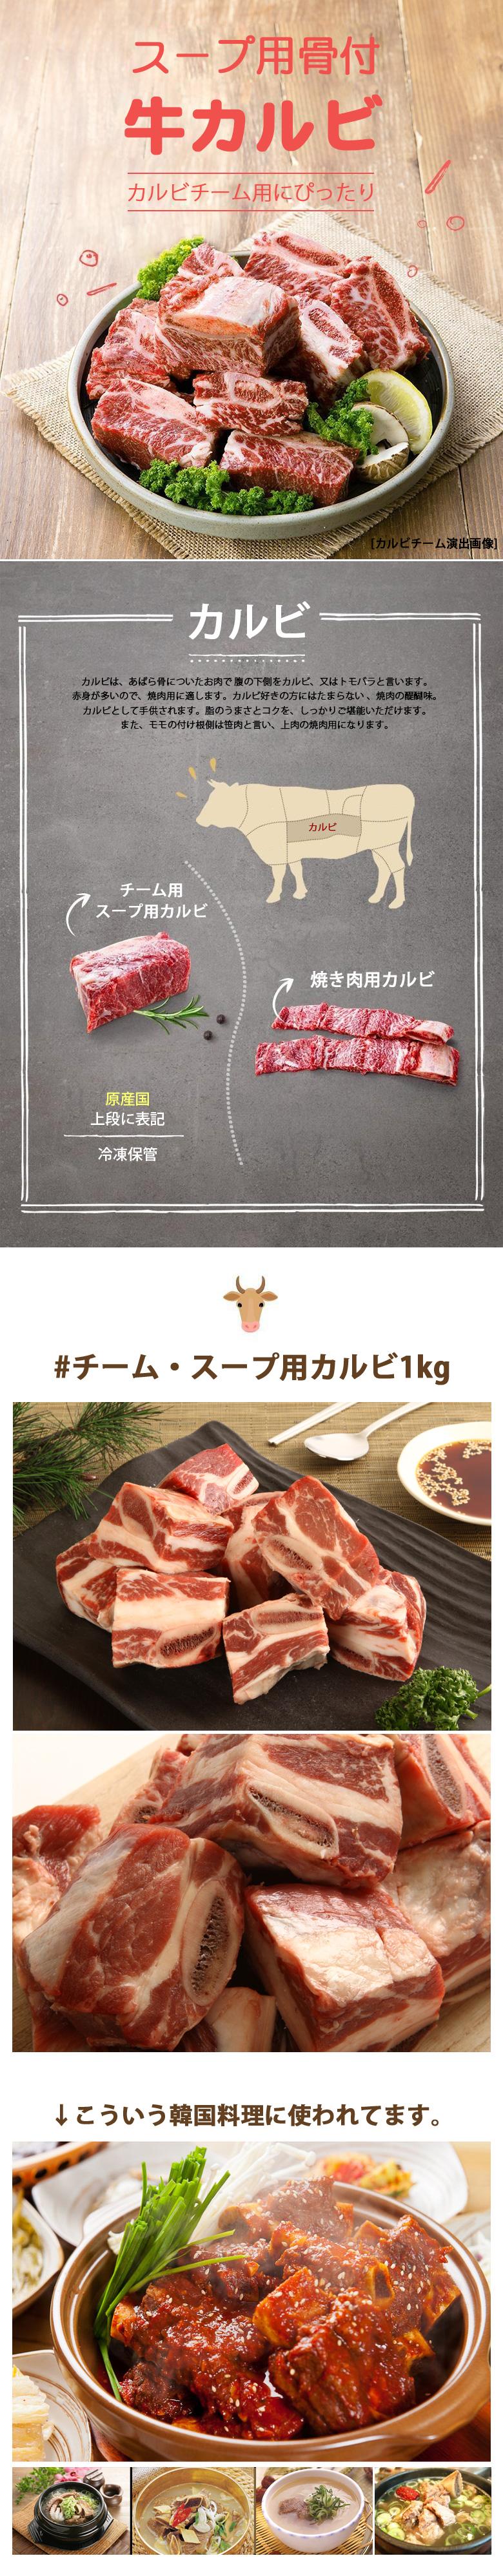 焼肉、牛カルビ丼、カルビスープなど